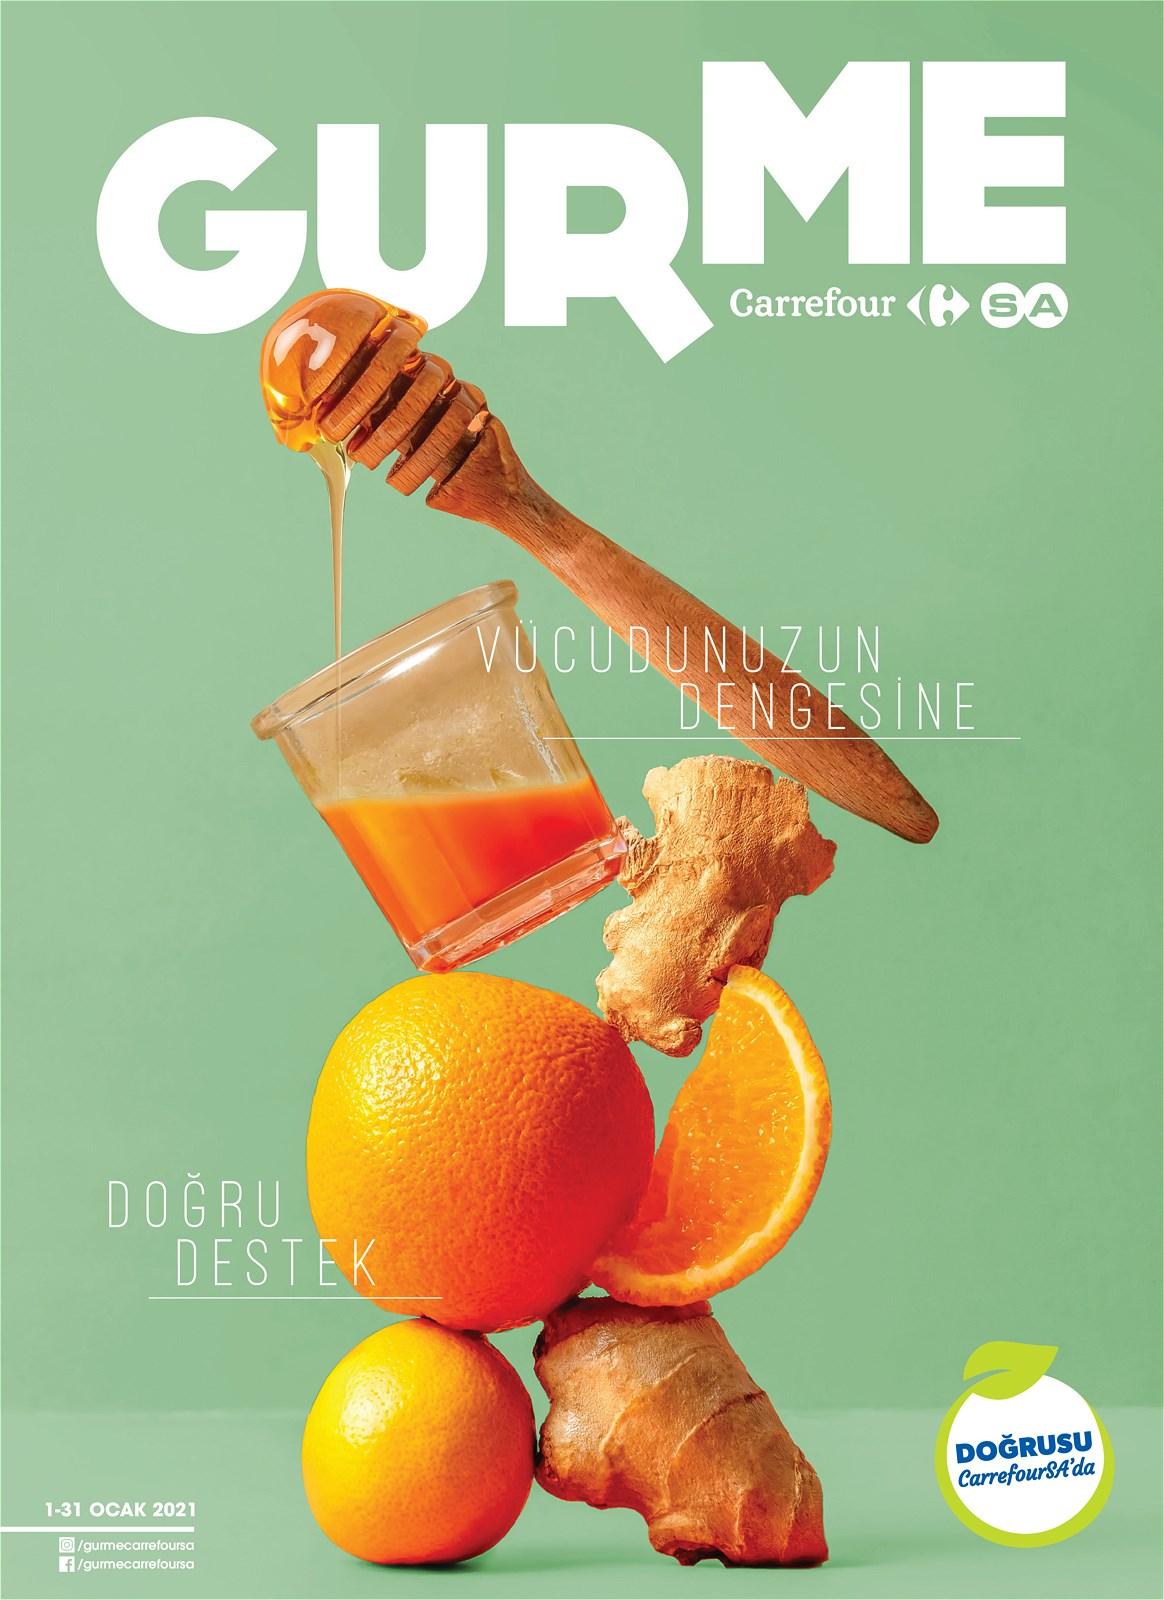 01.01.2021 CarrefourSA broşürü 1. sayfa